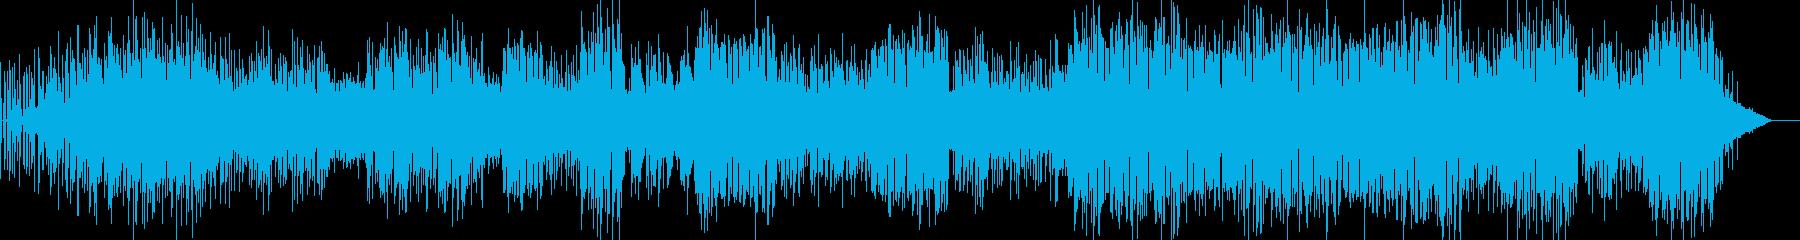 何かわくわくしてくるエレクトロ二クスな曲の再生済みの波形